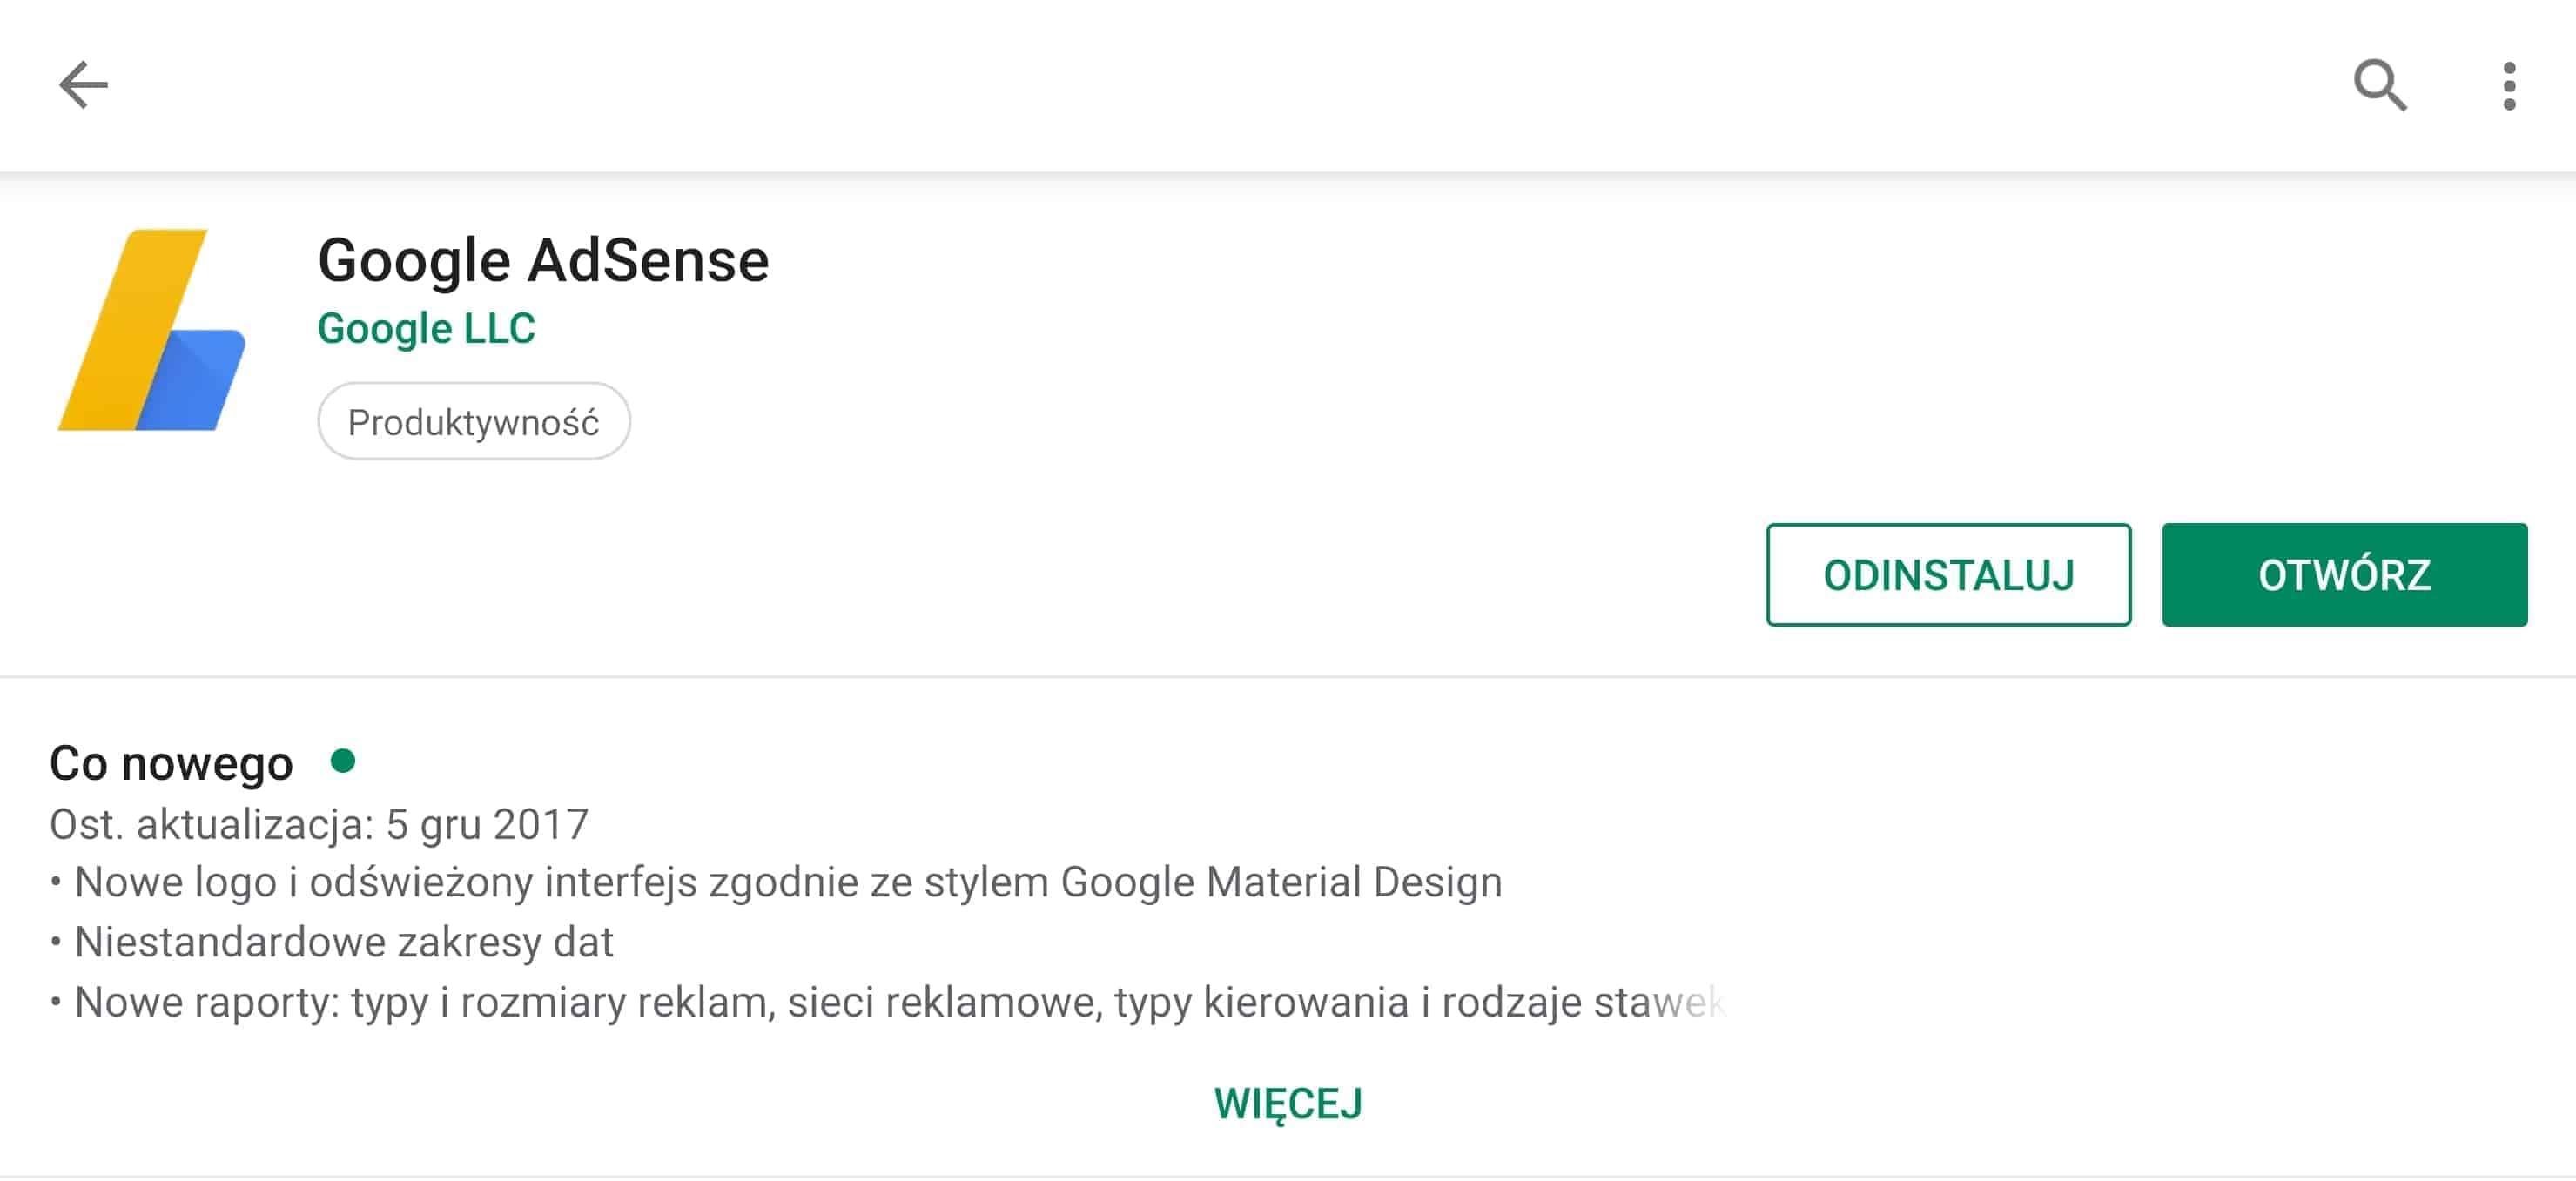 Google Adsense zostanie zamknięte. Aplikacja.